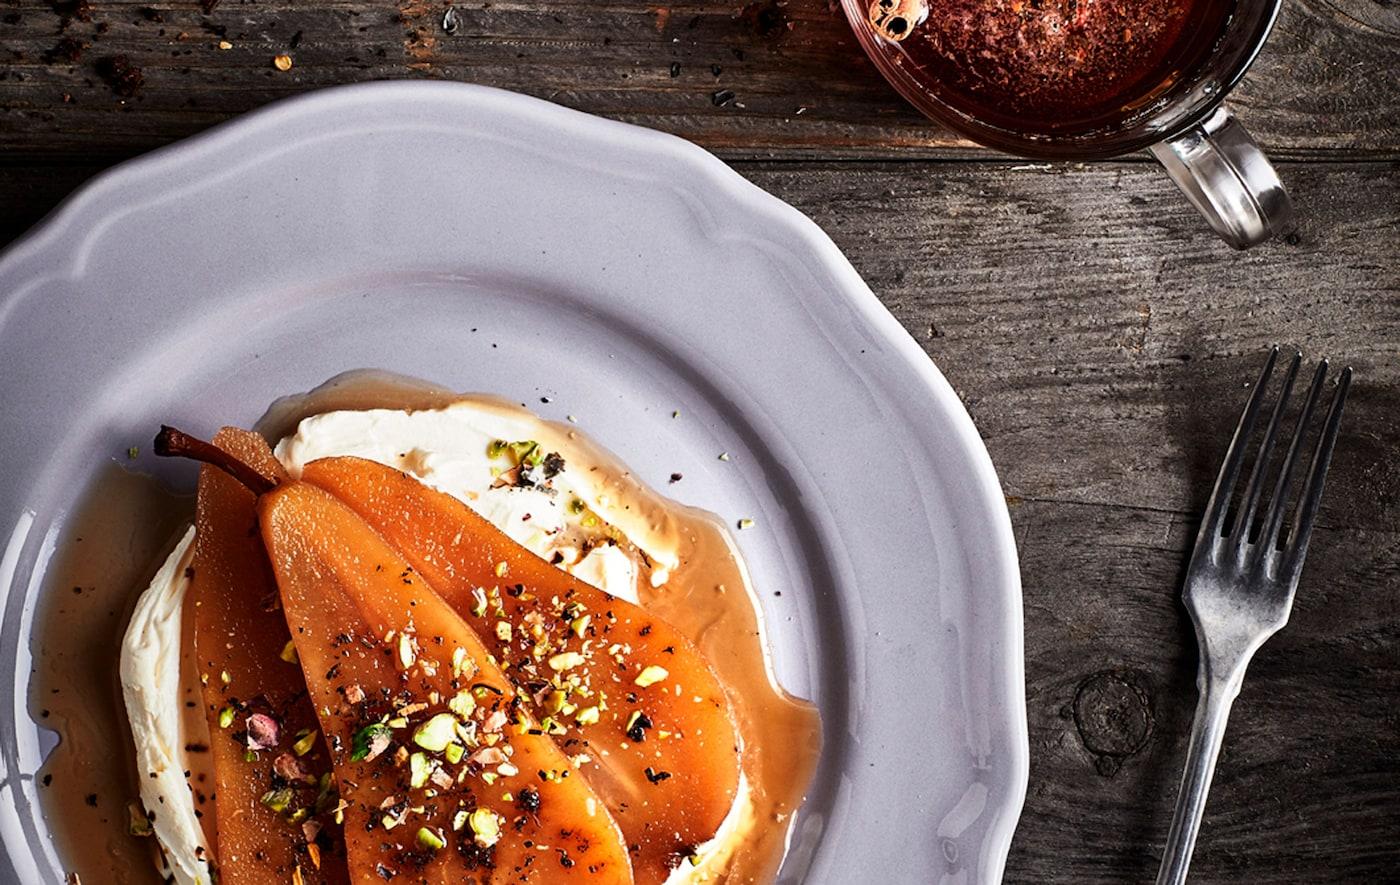 Taulell rústic de fusta amb una ració de postres a base de peres i productes lactis en un plat, una forquilla i una tassa de te al costat.